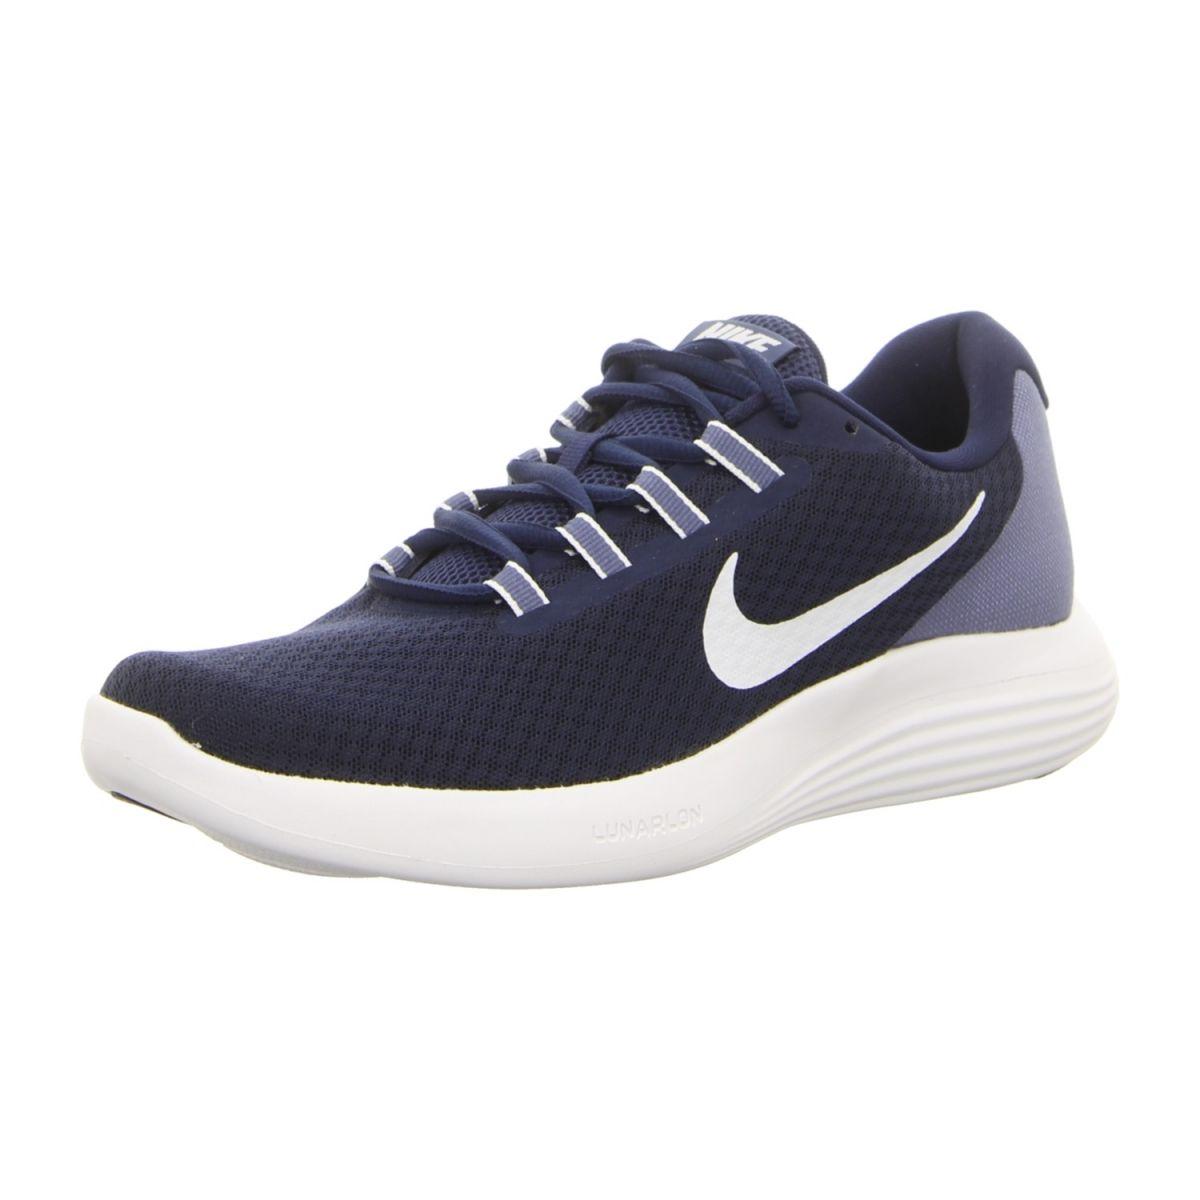 Nike Sneakers Herbst Winter Keilabsatz Neu